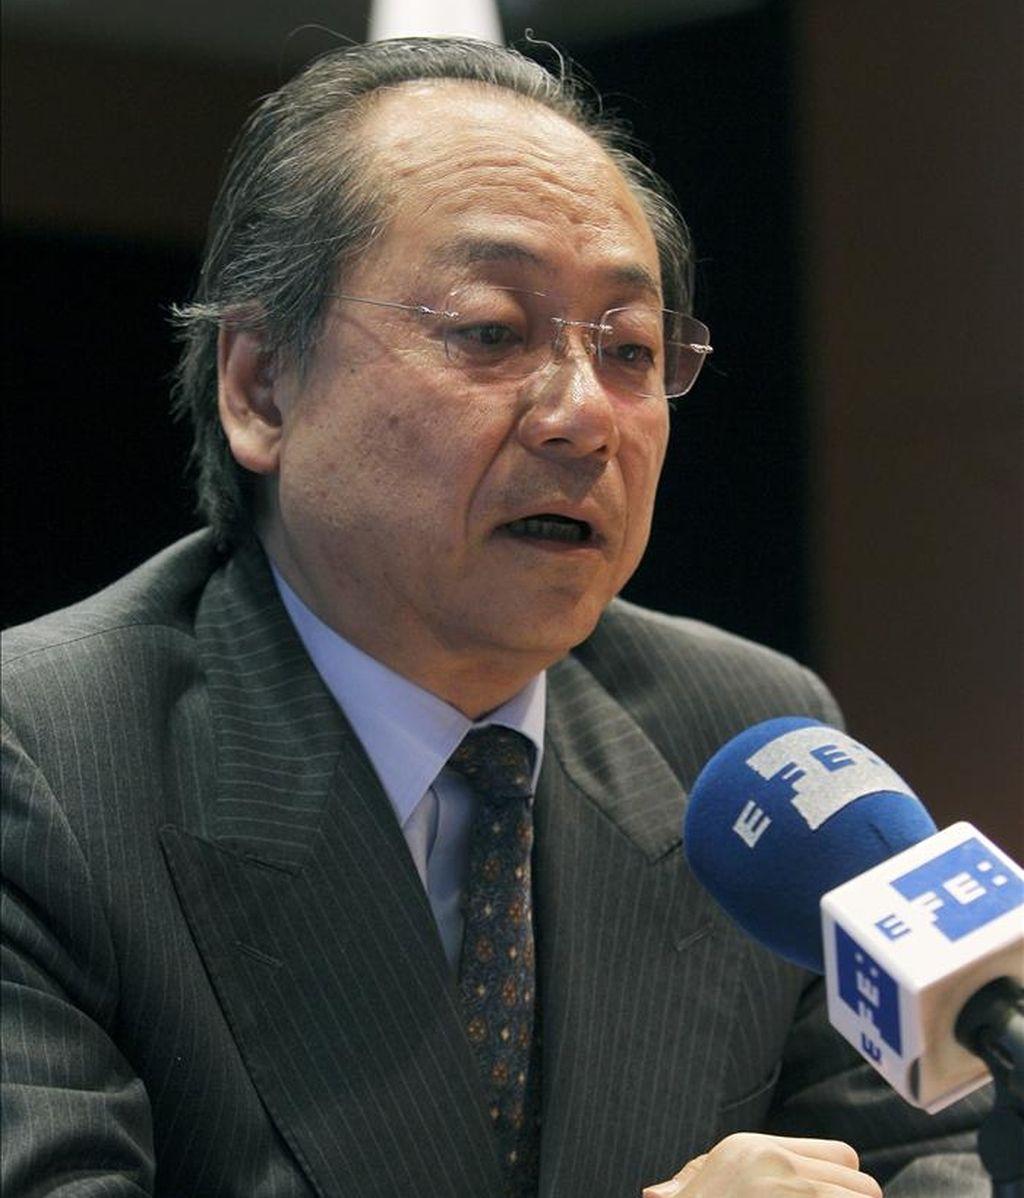 """El embajador de Japón en España, Fumiaki Takahashi, en una entrevista con Efe, ha asegurado que los accidentes de Fukushima y Chernóbil son """"diferentes"""", y ha garantizado que fuera del entorno de la central nuclear nipona la influencia de la radiactividad no es peligrosa para la salud en estos momentos. EFE"""